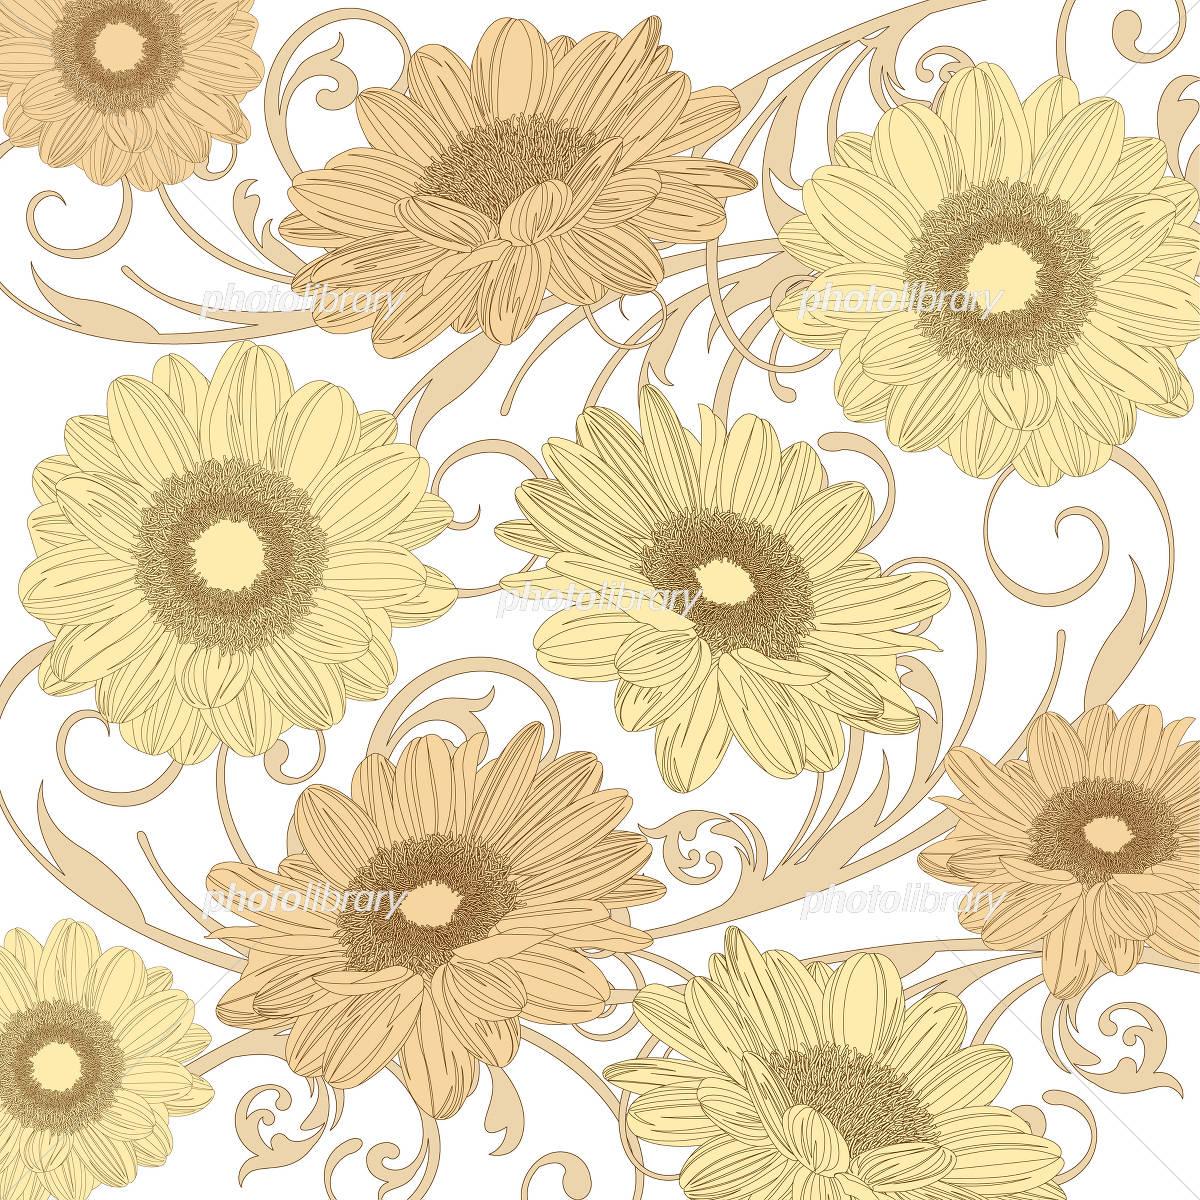 向日葵のレトロな背景 イラスト素材 4481351 フォトライブラリー